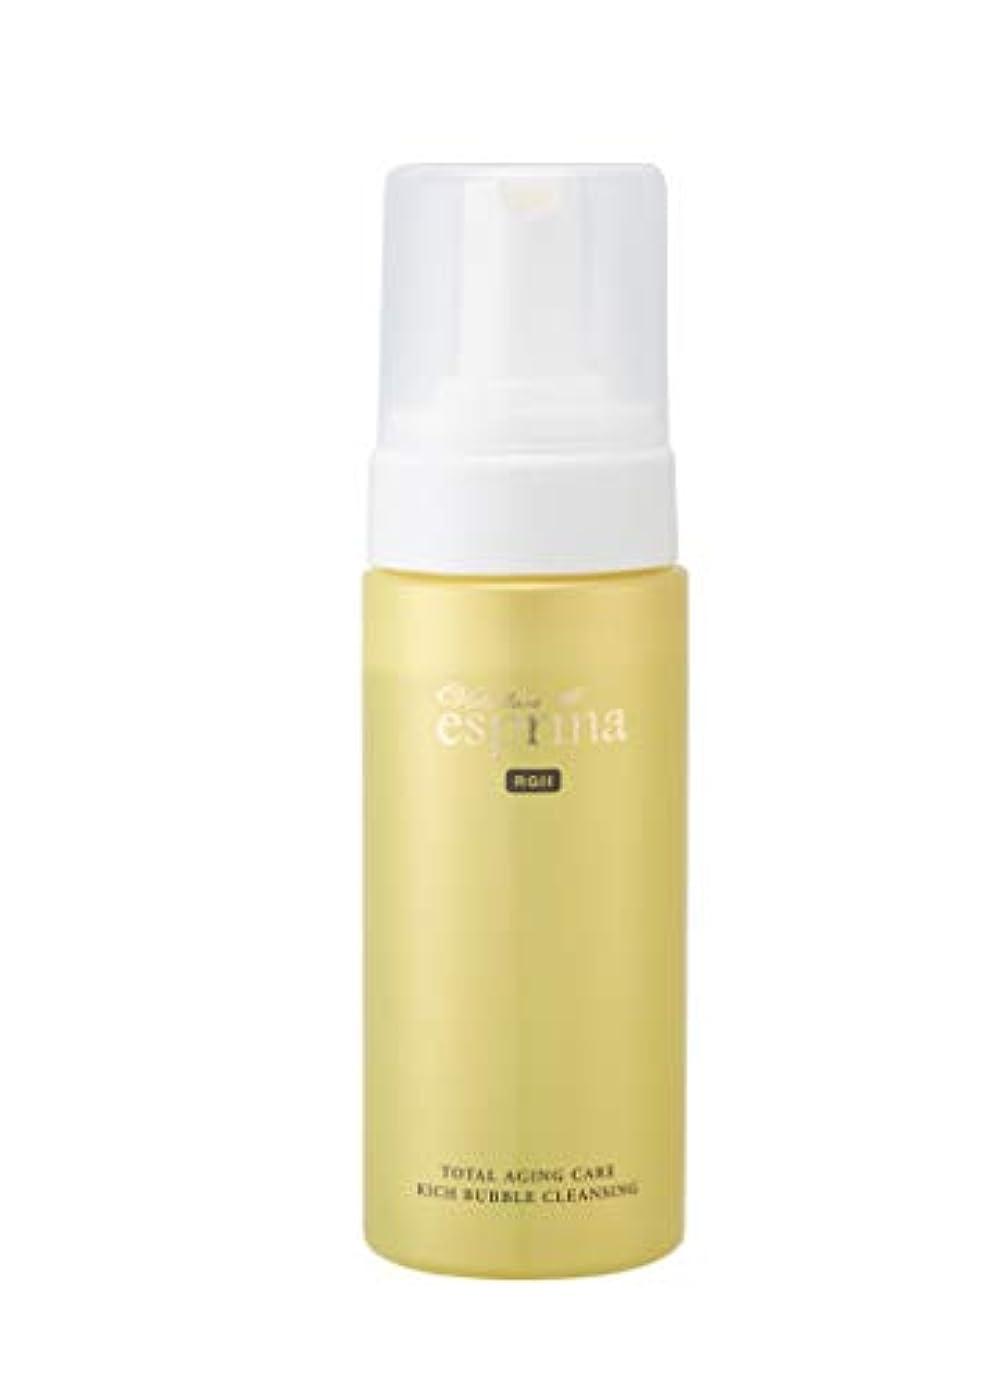 購入路地有害なエスプリーナ RG2 トータルエイジングケア 濃密泡 クレンジング <ゴールドパッケージ限定版>